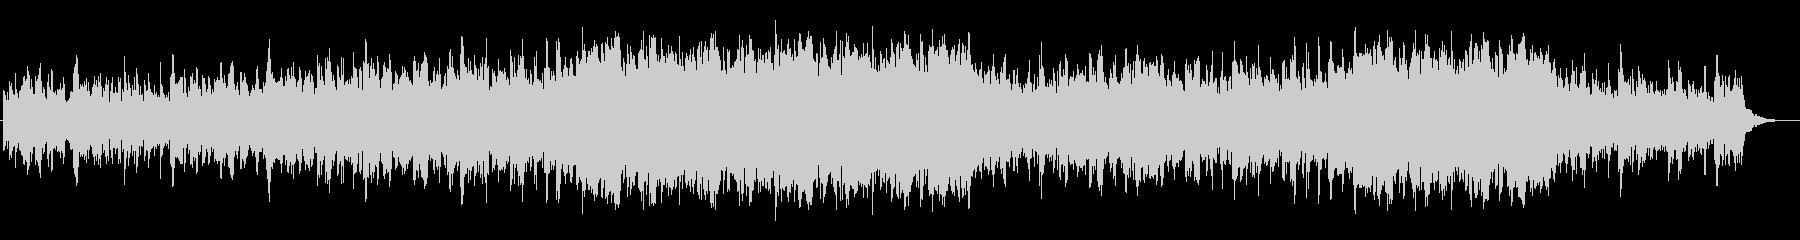 ピアノのパターン、ストリングス、そ...の未再生の波形